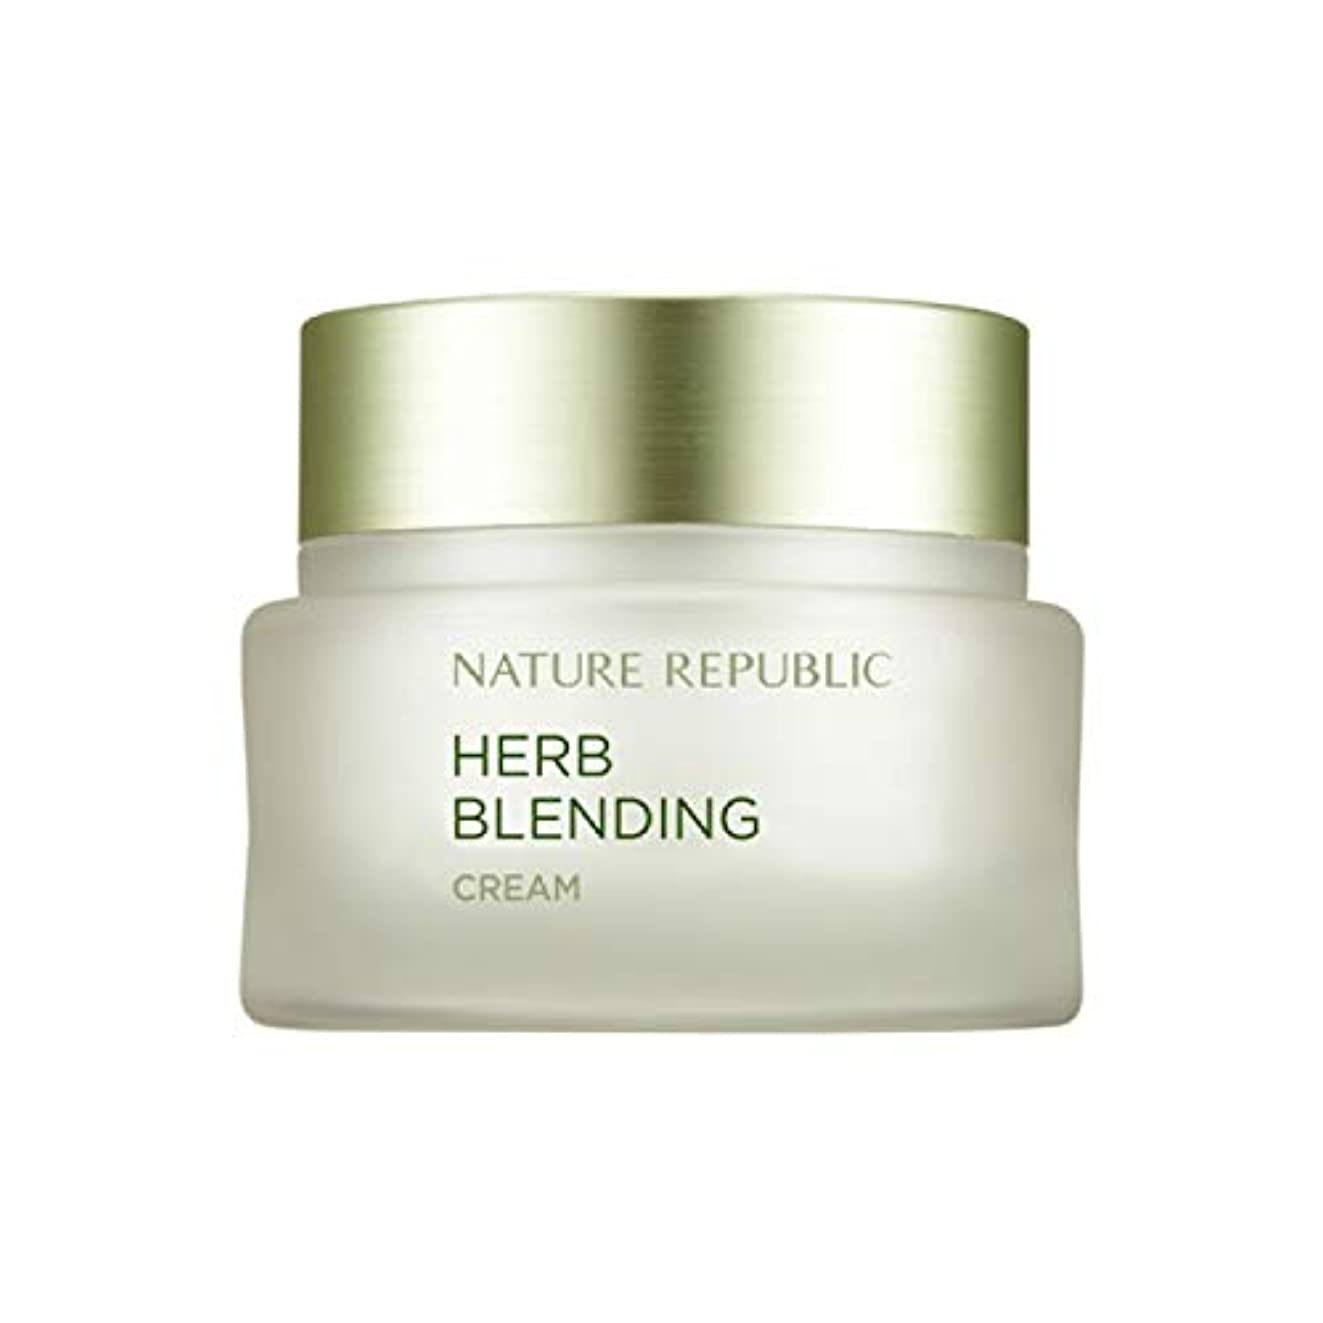 気になる居住者記述するネイチャーリパブリック(Nature Republic)ハブブレンドクリーム 50ml / Herb Blending Cream 50ml :: 韓国コスメ [並行輸入品]